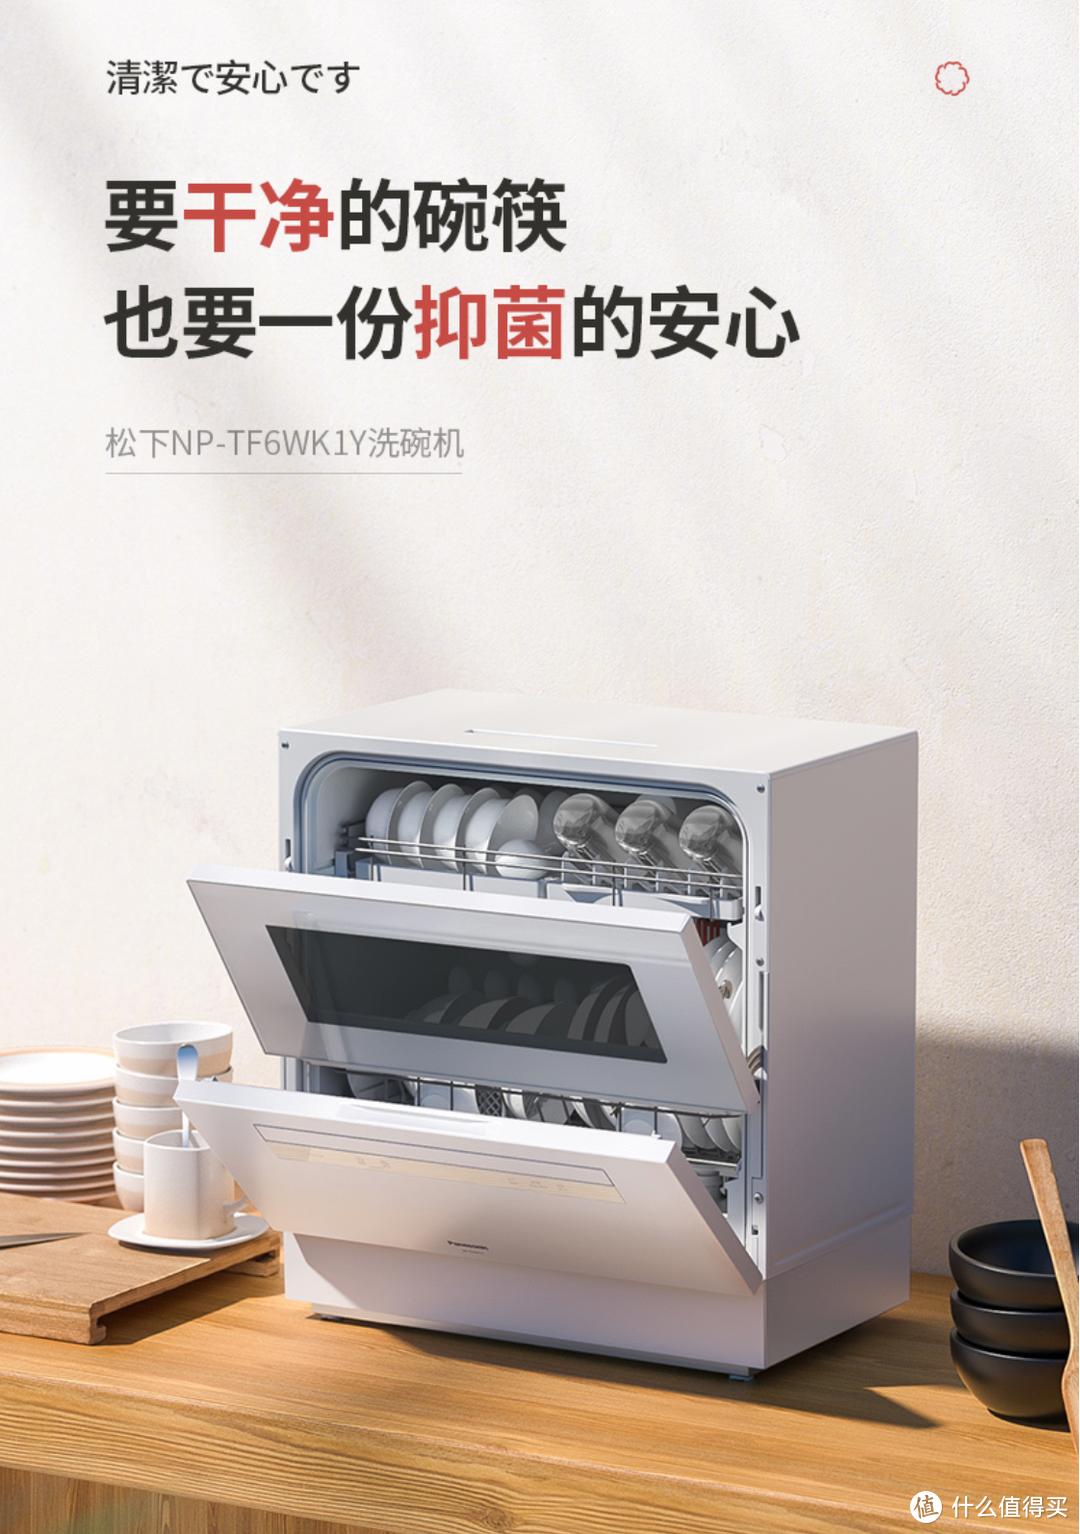 「洗碗机选购攻略」从原理到对比,从三千到一万。这篇都有了